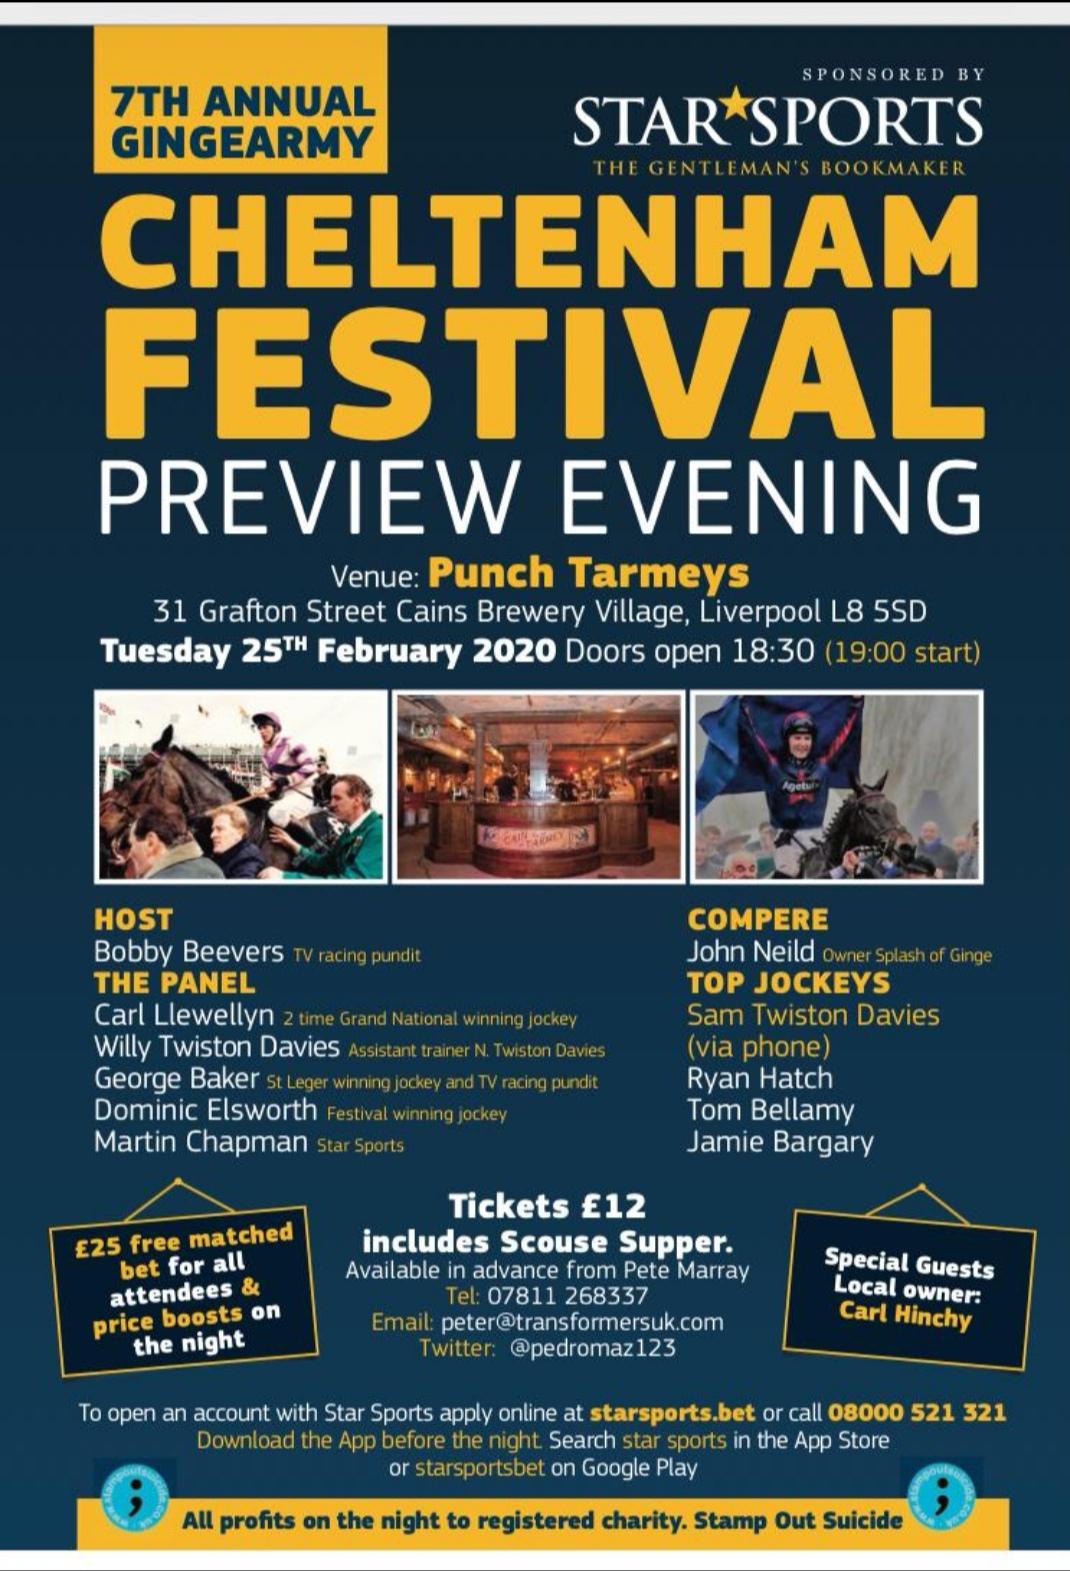 2020-cheltenham-festival-preview-night